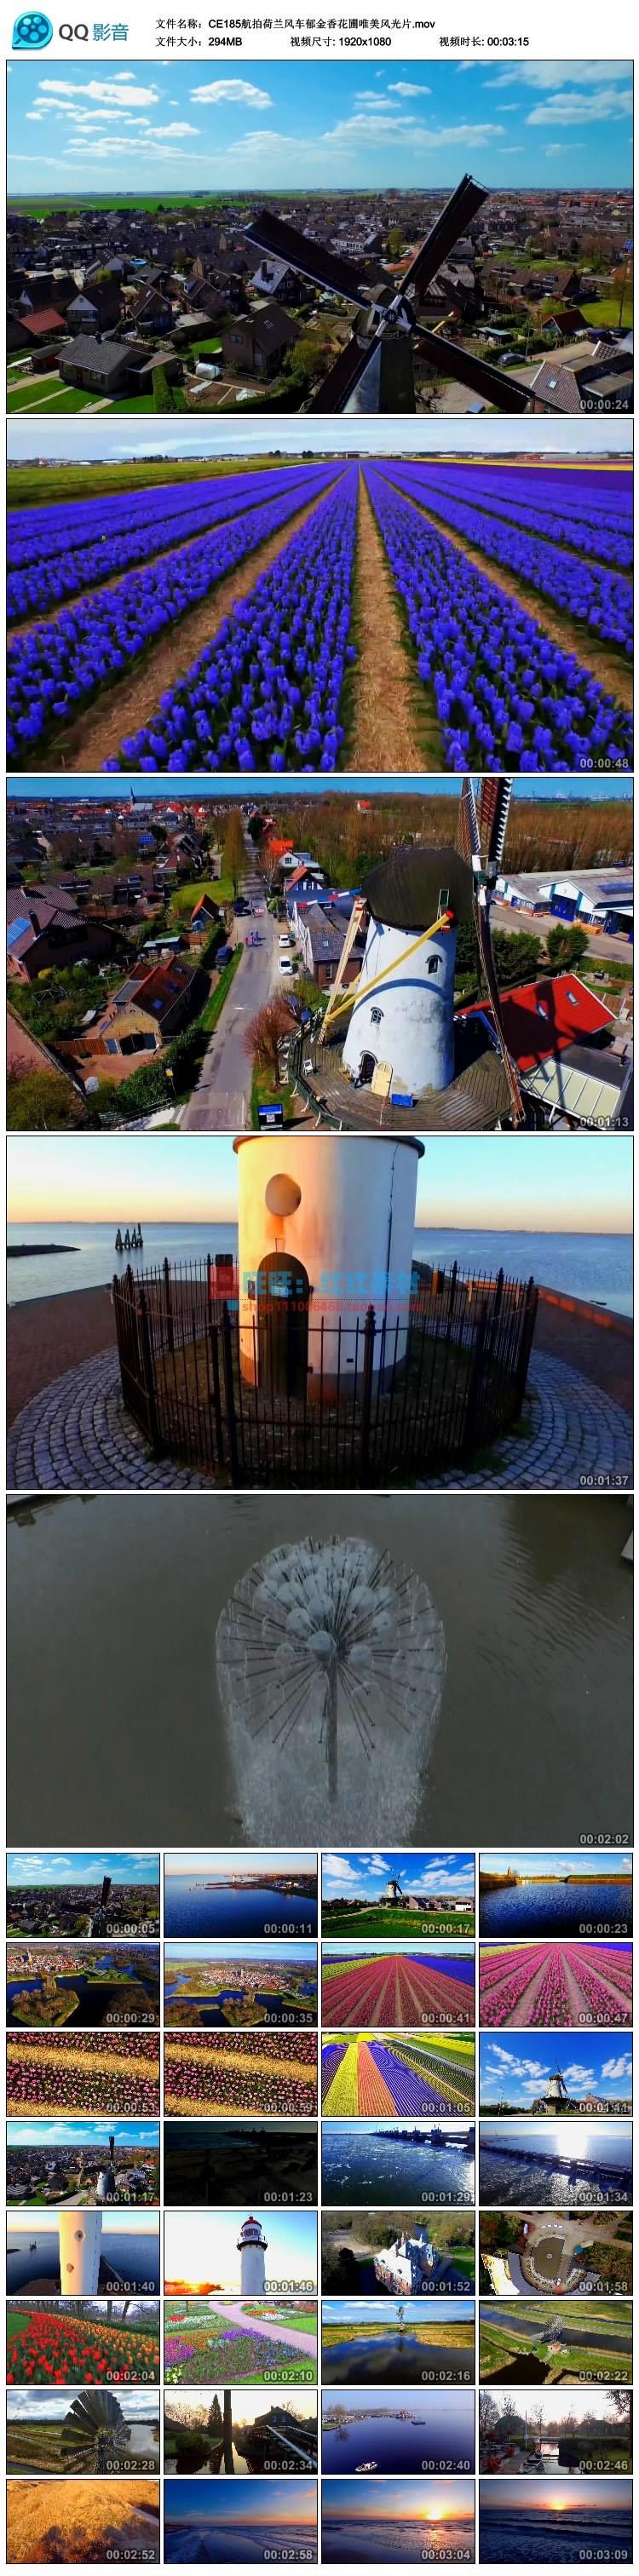 航拍荷兰风车郁金香花圃唯美风光片高清实拍视频素材